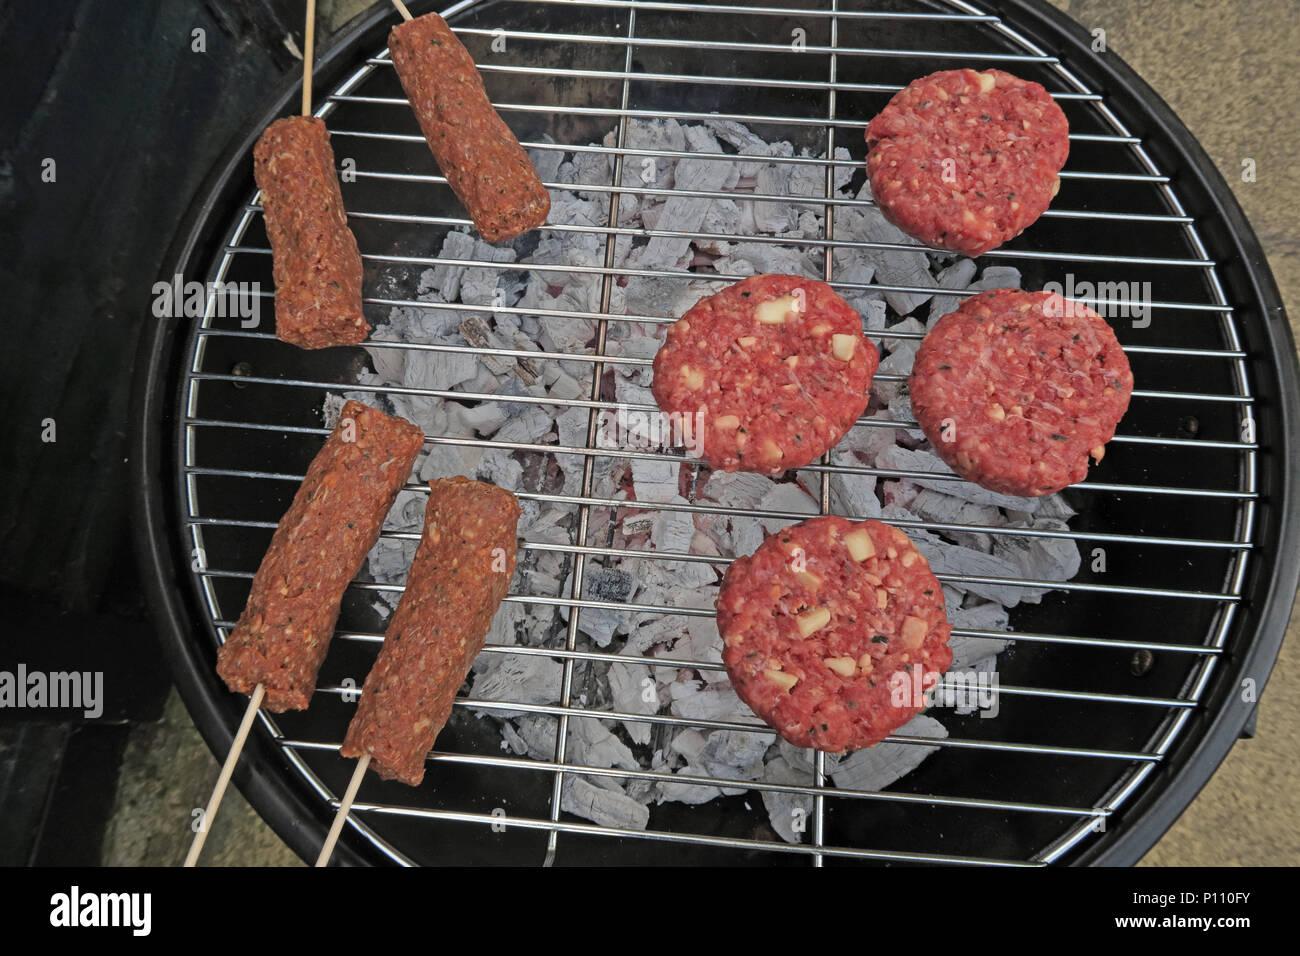 Laden Sie dieses Alamy Stockfoto Gefahren der Lebensmittelvergiftung von Sommer BBQ-Fleisch, Wurst, Rindfleisch Burger, Döner, gekocht oder roh - P110FY